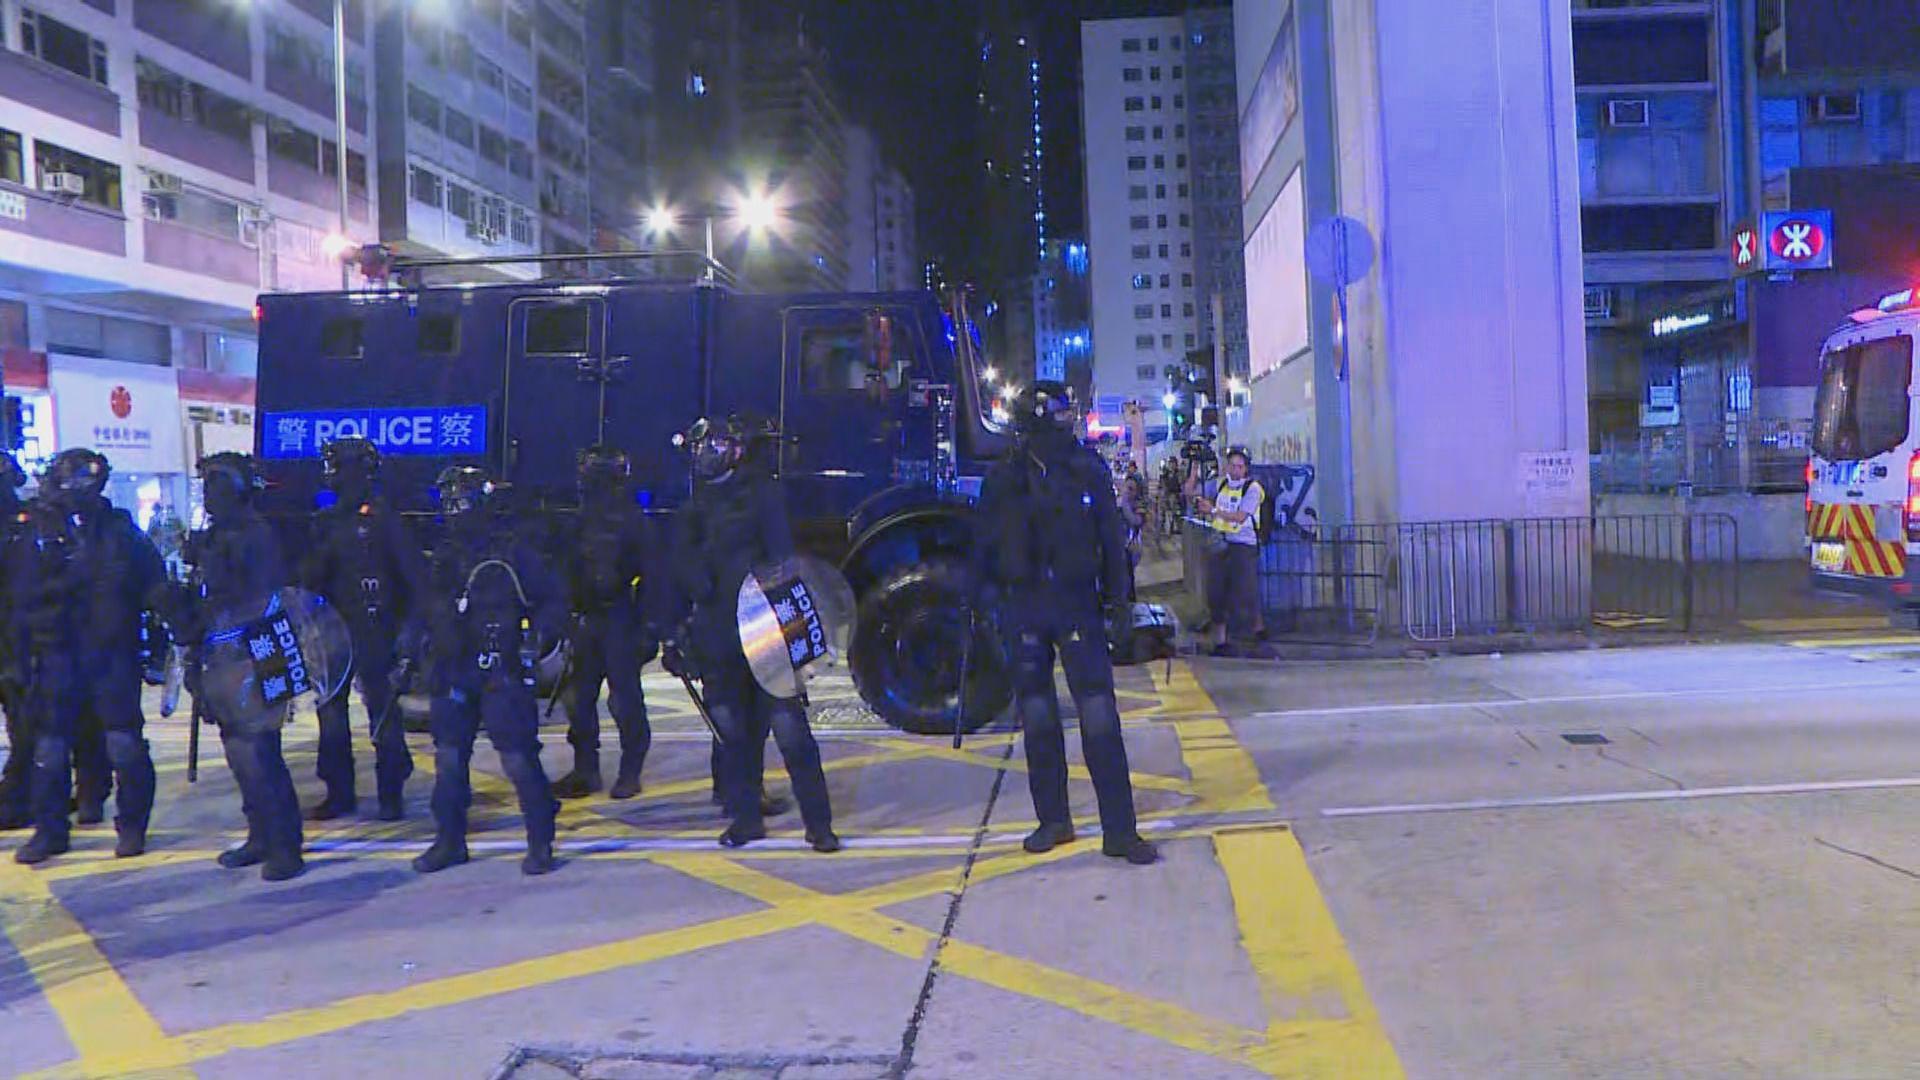 警方首度在旺角出動裝甲車驅散示威者